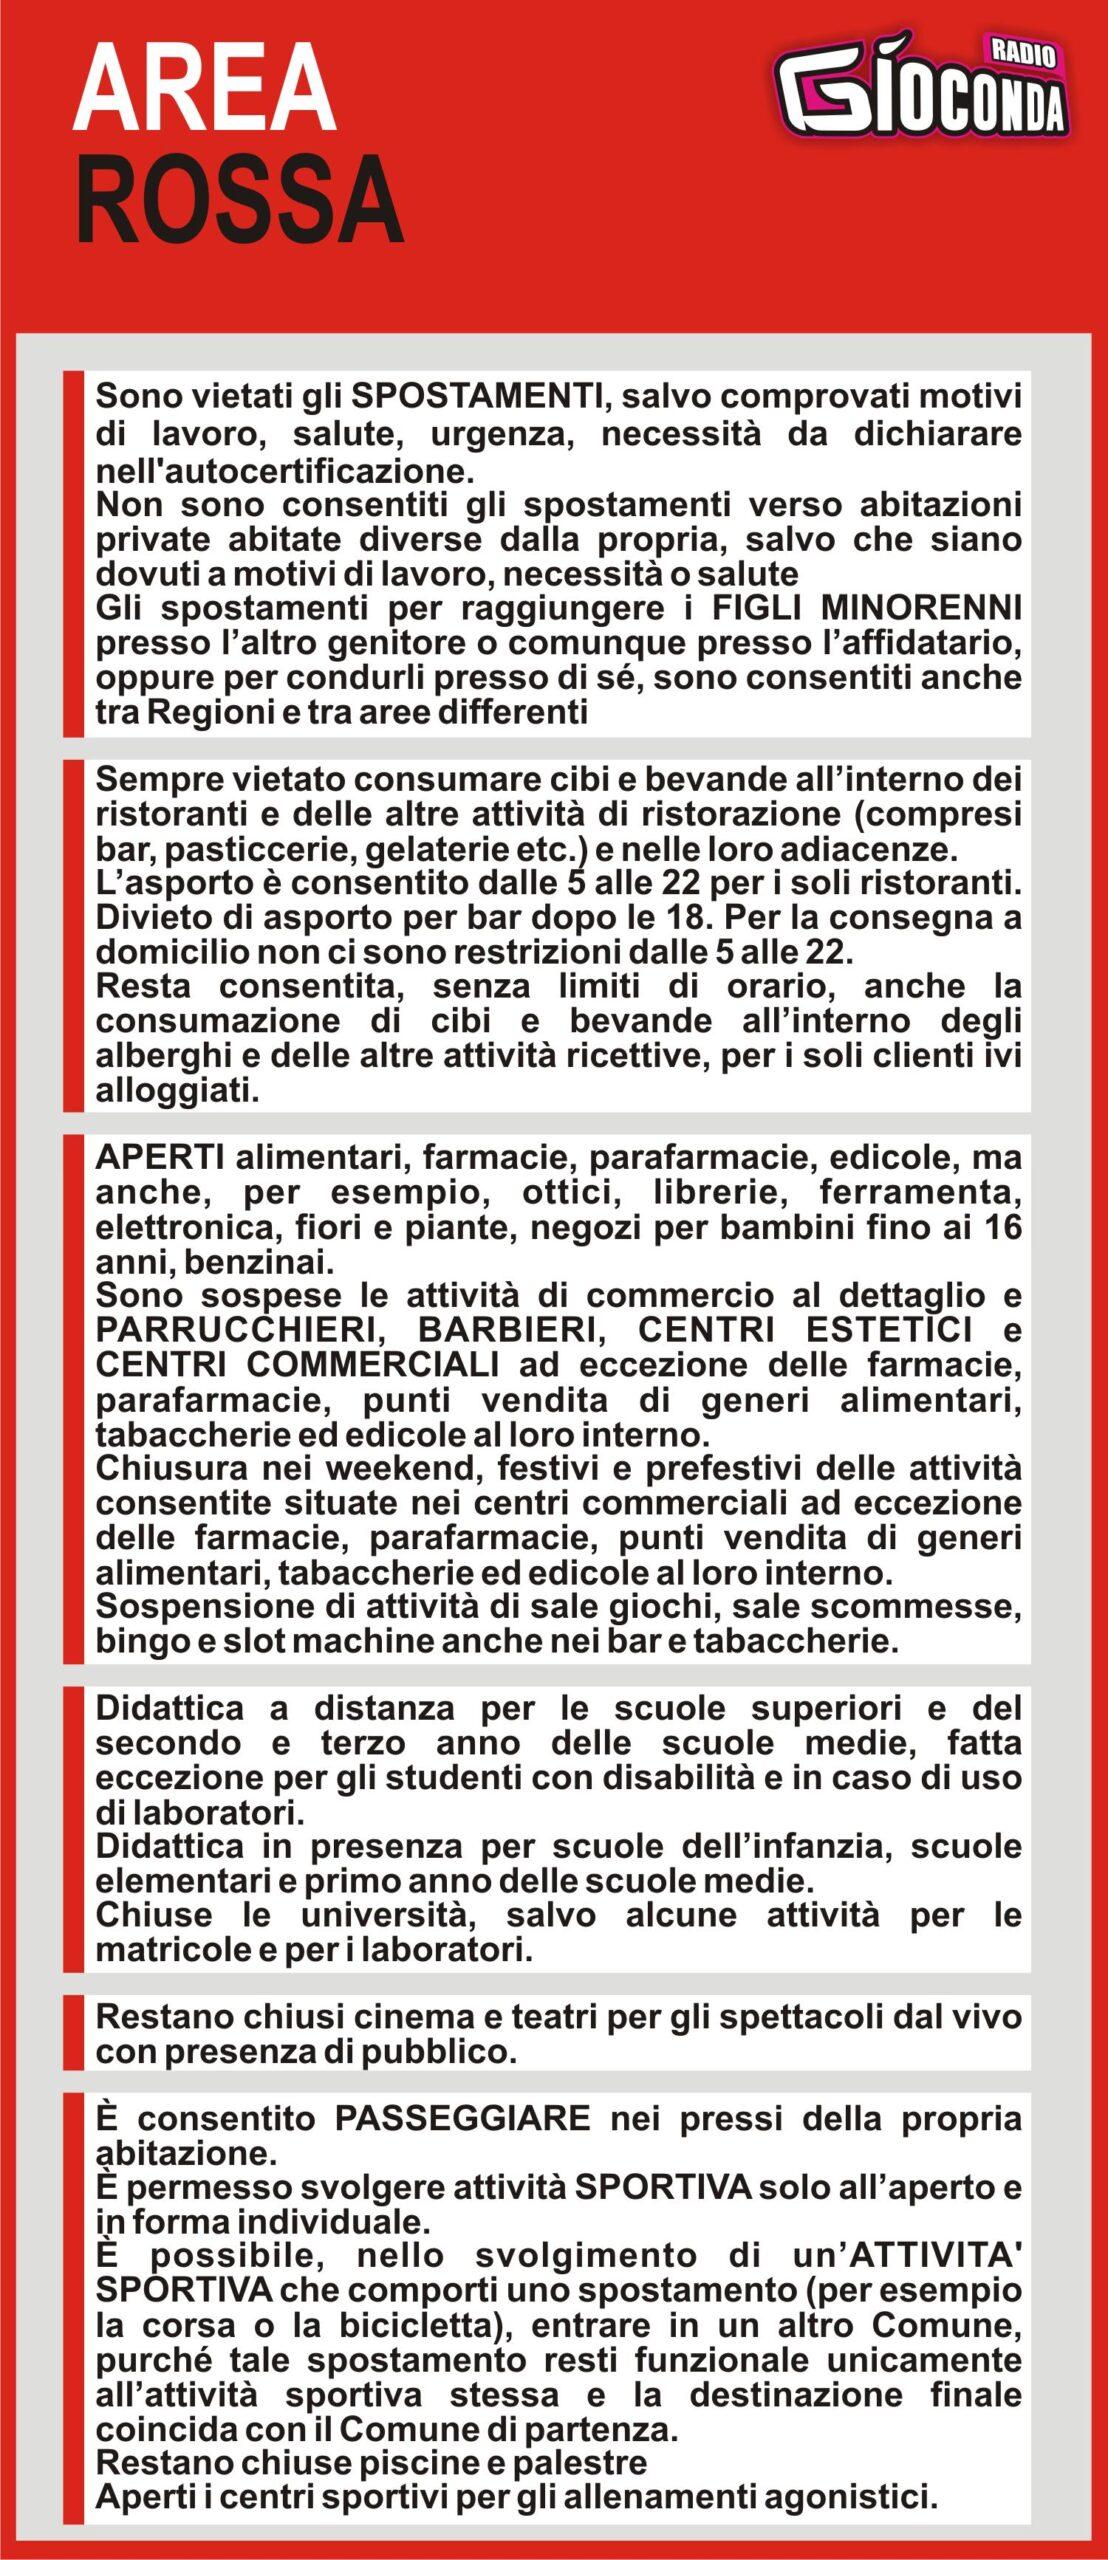 Aprile 2021 il Friuli Venezia Giulia è AREA ROSSA